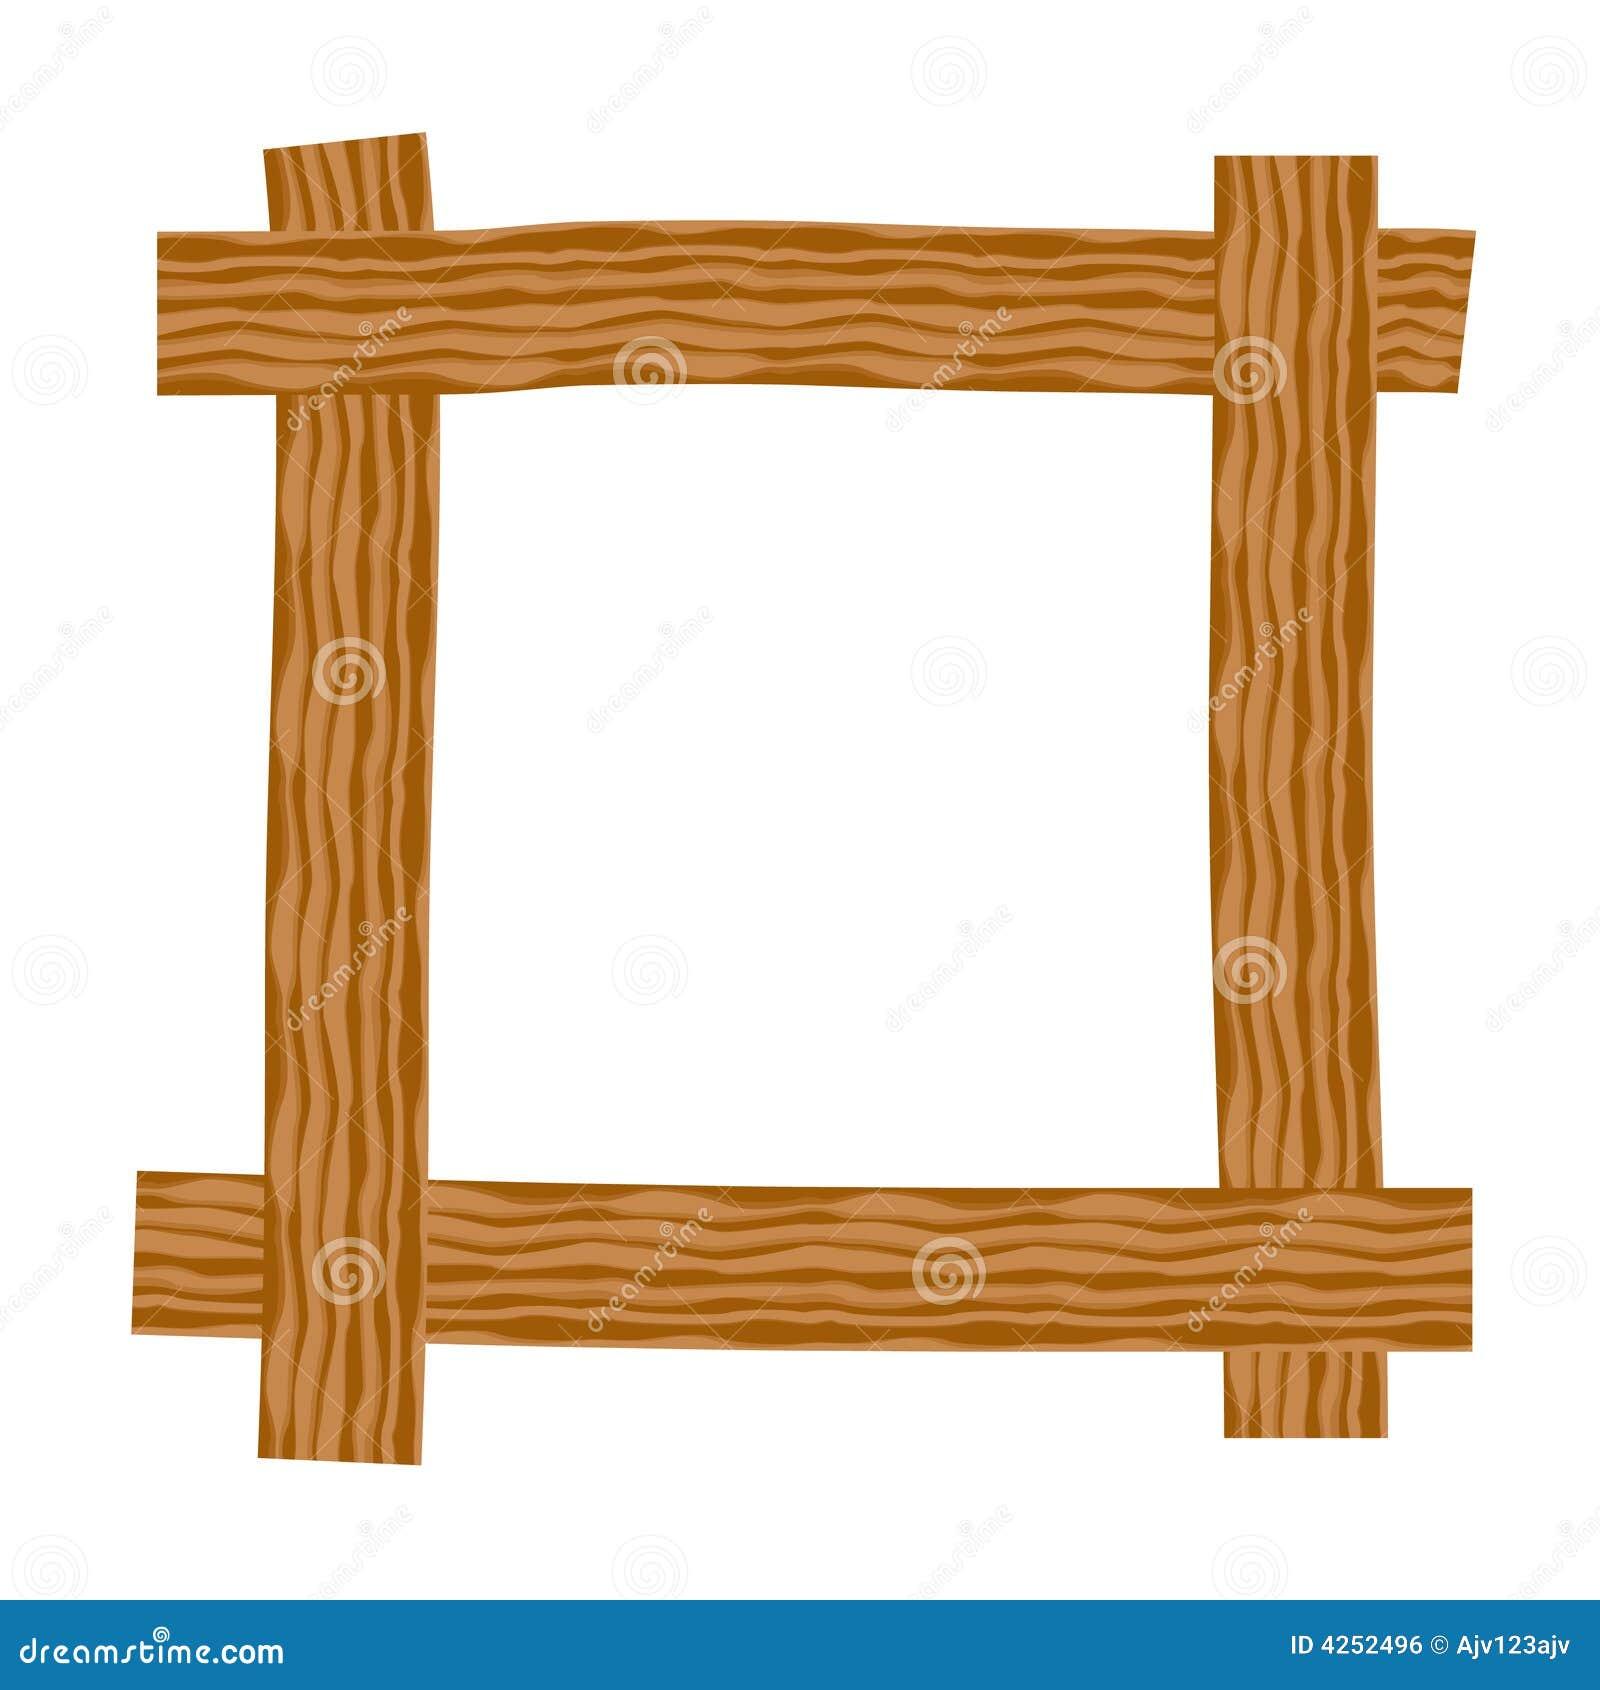 Marco de madera rústico stock de ilustración. Ilustración de grunge ...